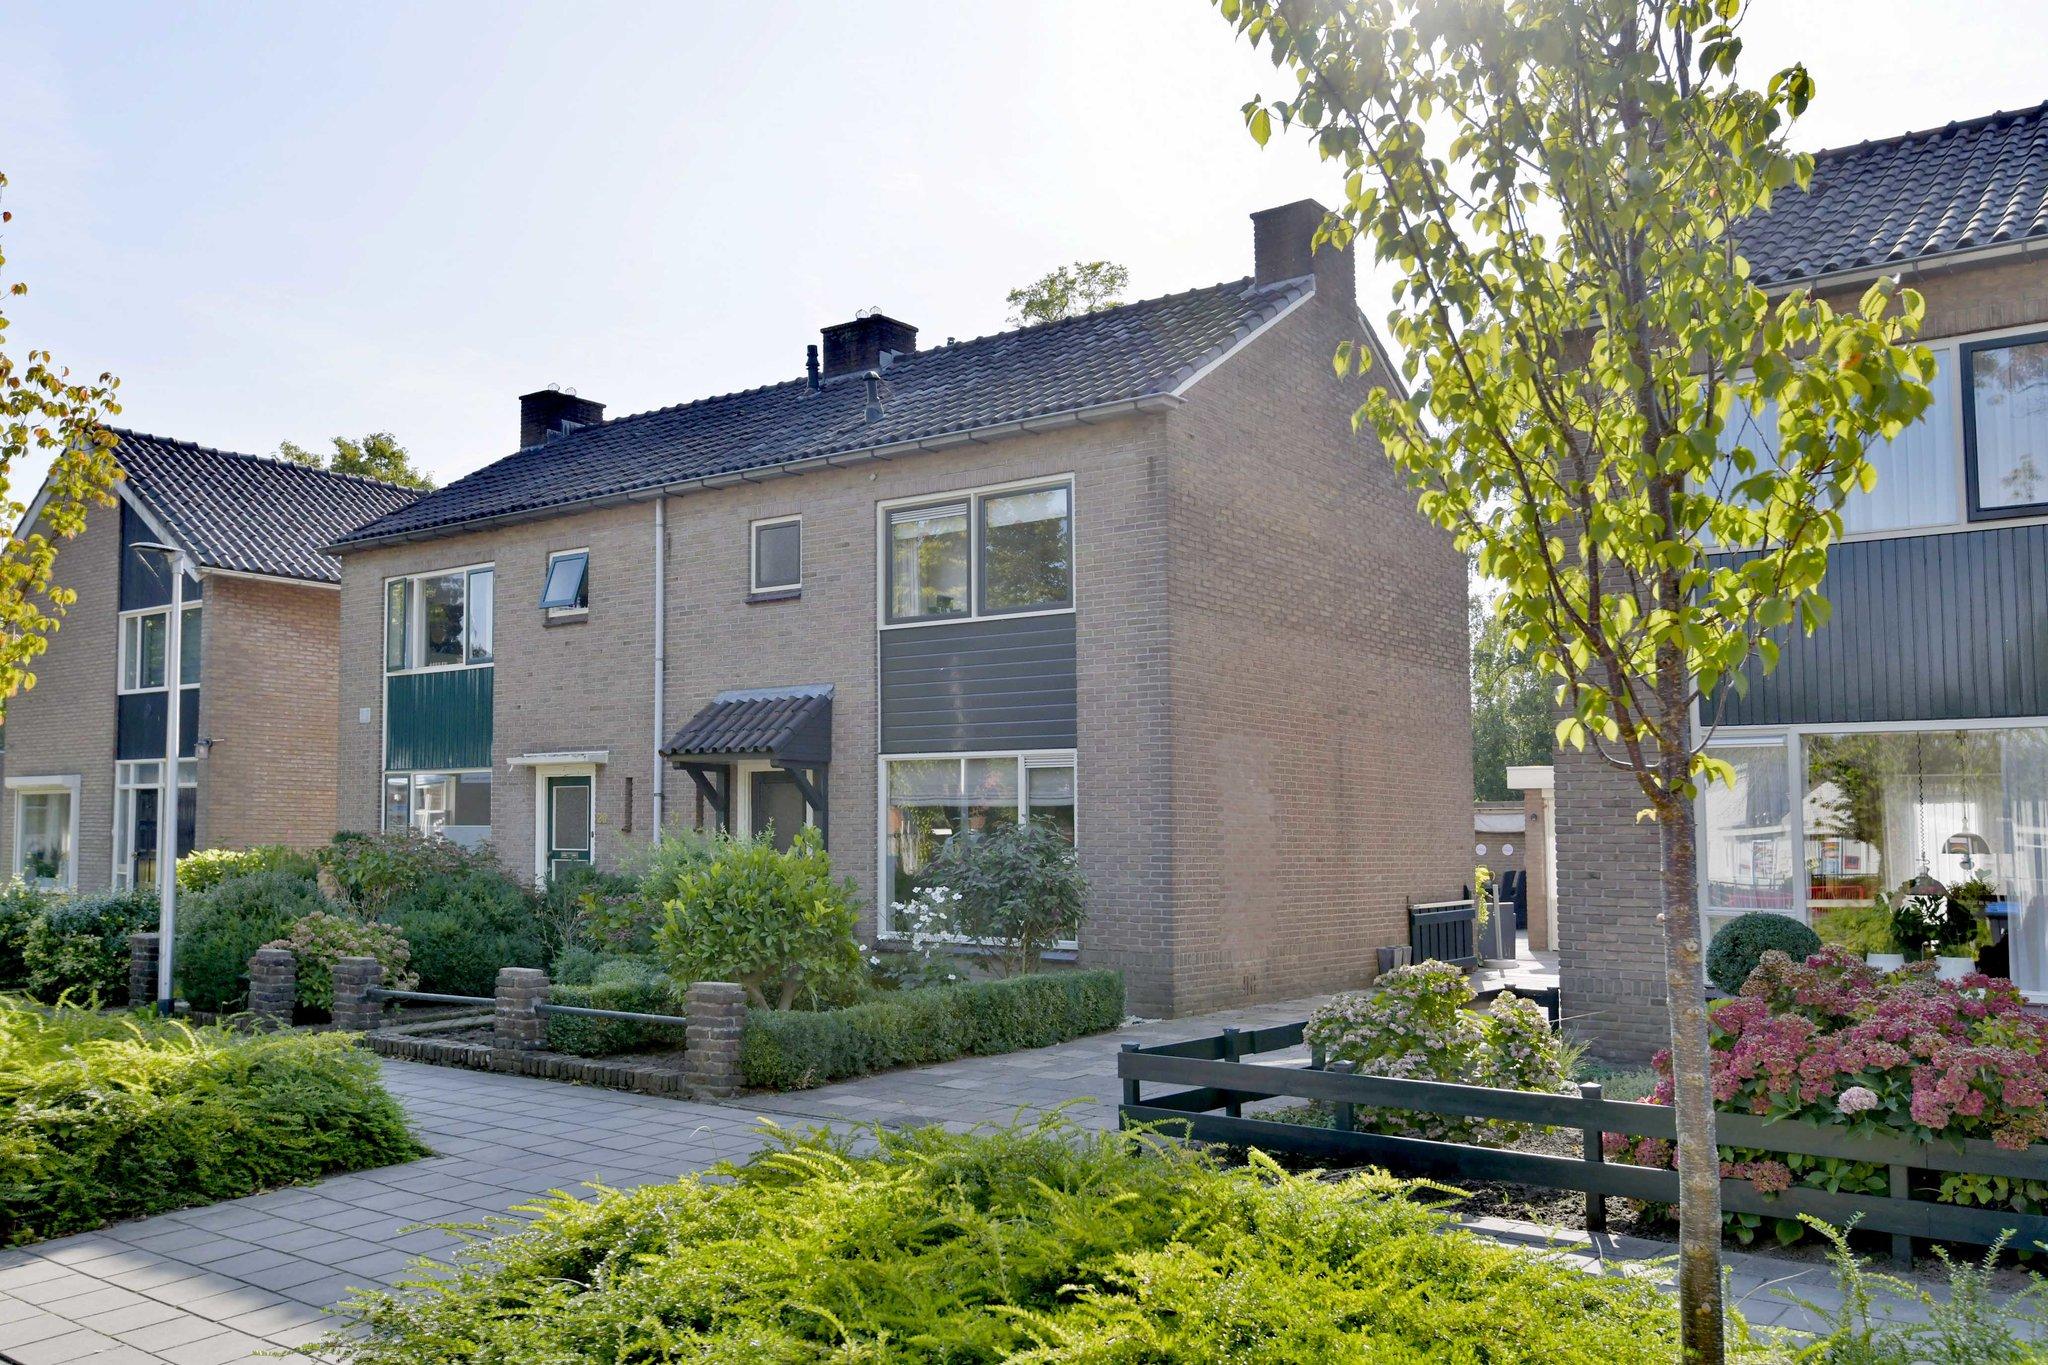 olst-watertorenstraat-4158137-foto-34.jpg